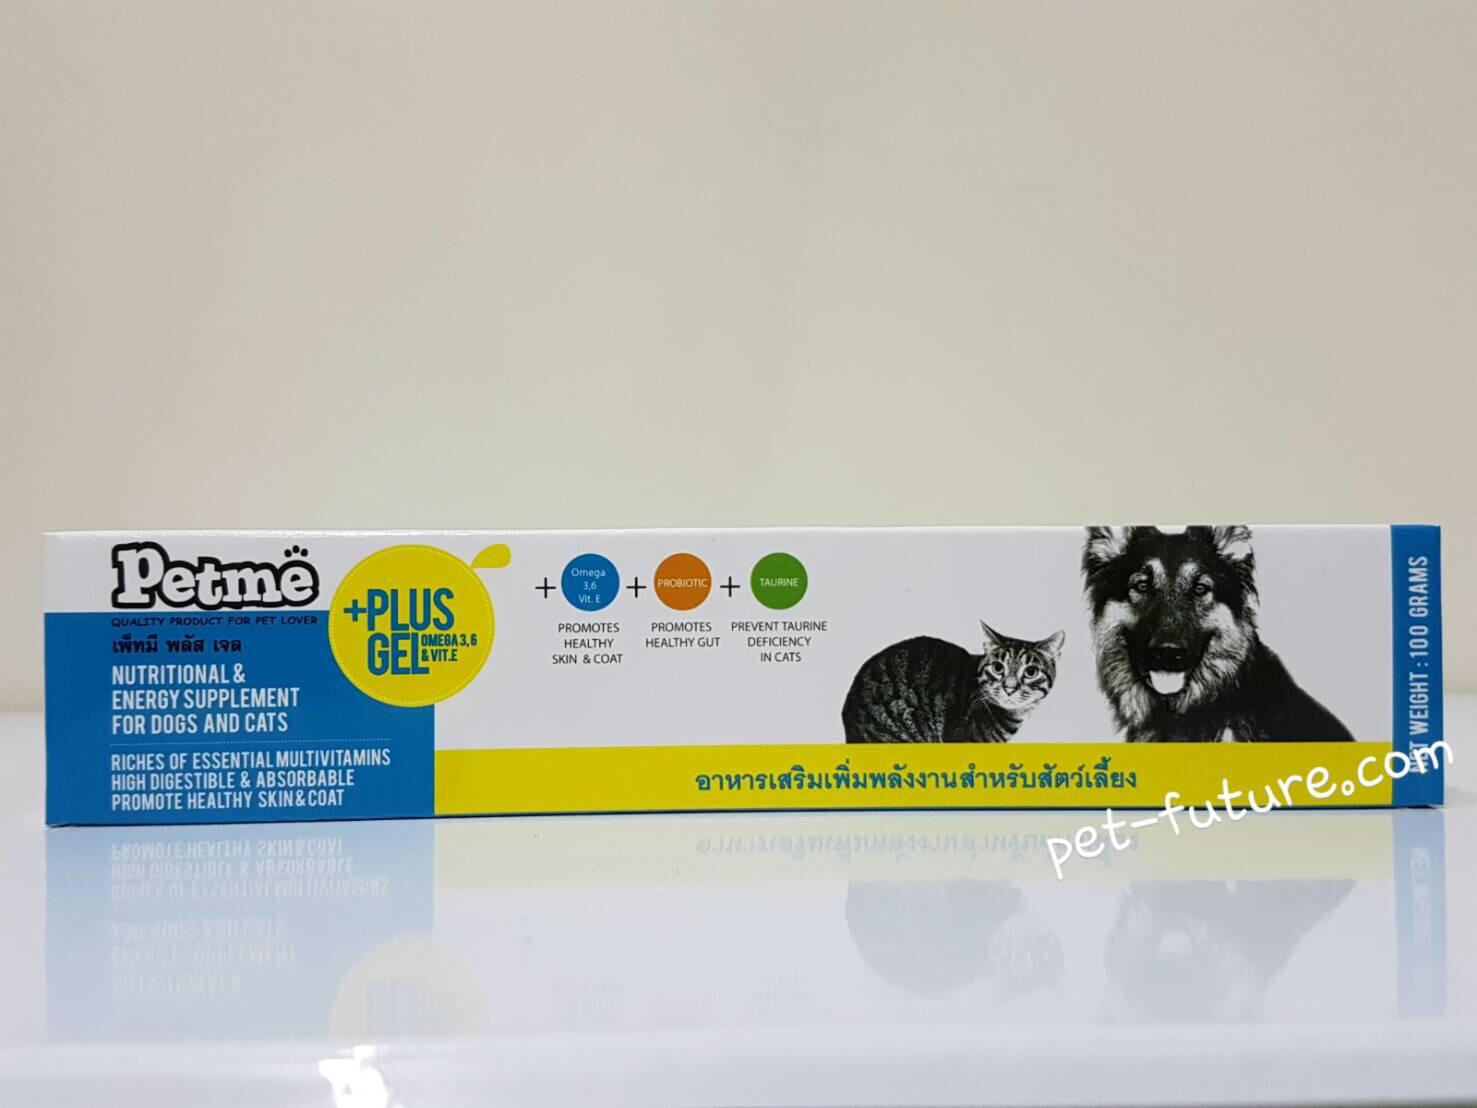 Pet+me Plus Gel สัตว์ที่ได้รับการผ่าตัด,ยาบำรุง,อาหารเสริม (หมดอายุ 03/18) ขนาด 100 กรัม